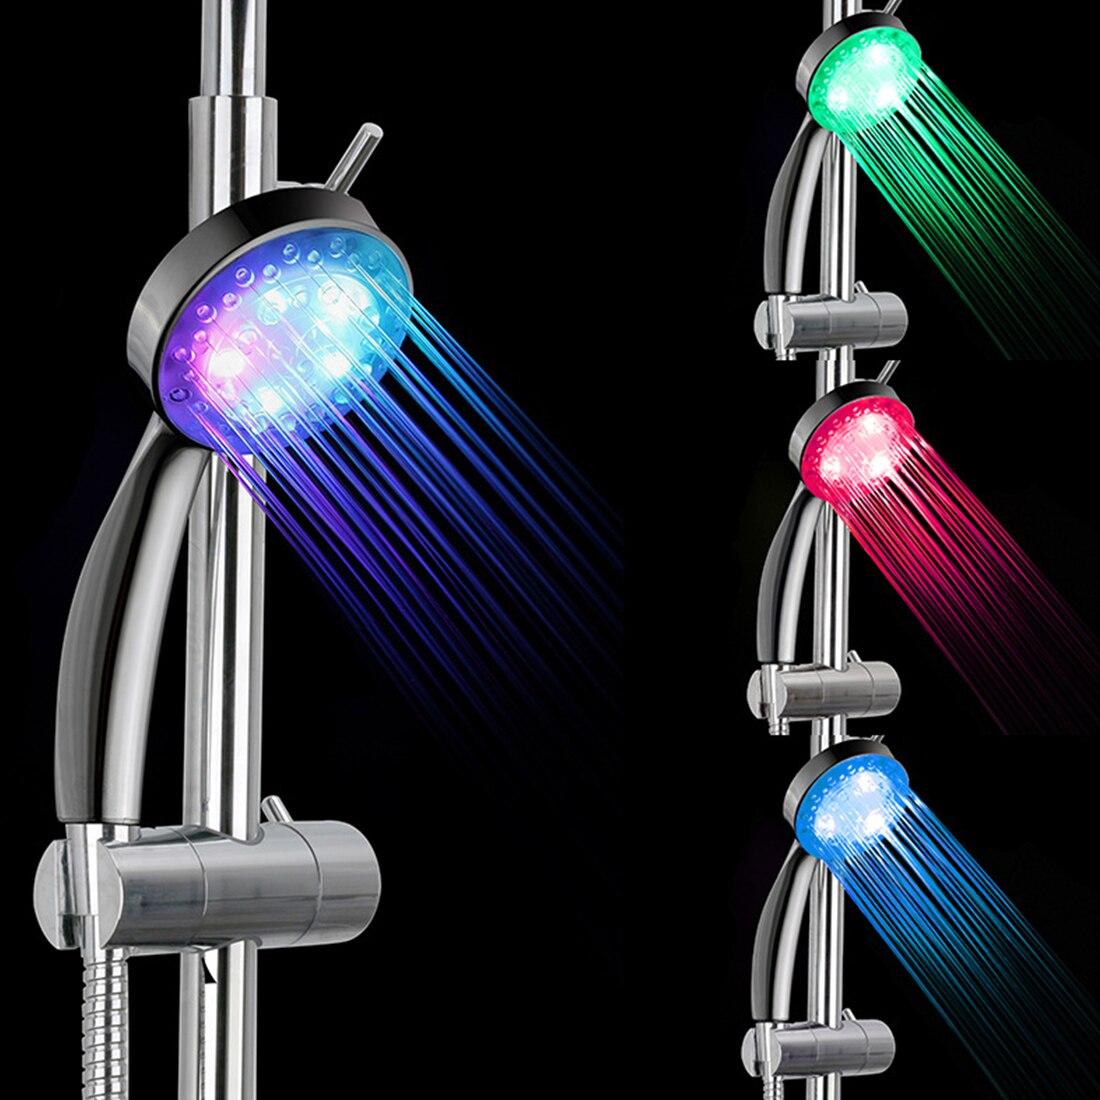 7 цветов светодиодный Насадки для душа без светодиодный осадков изменение Насадки для душа высокого давления автоматический кран водопад с...